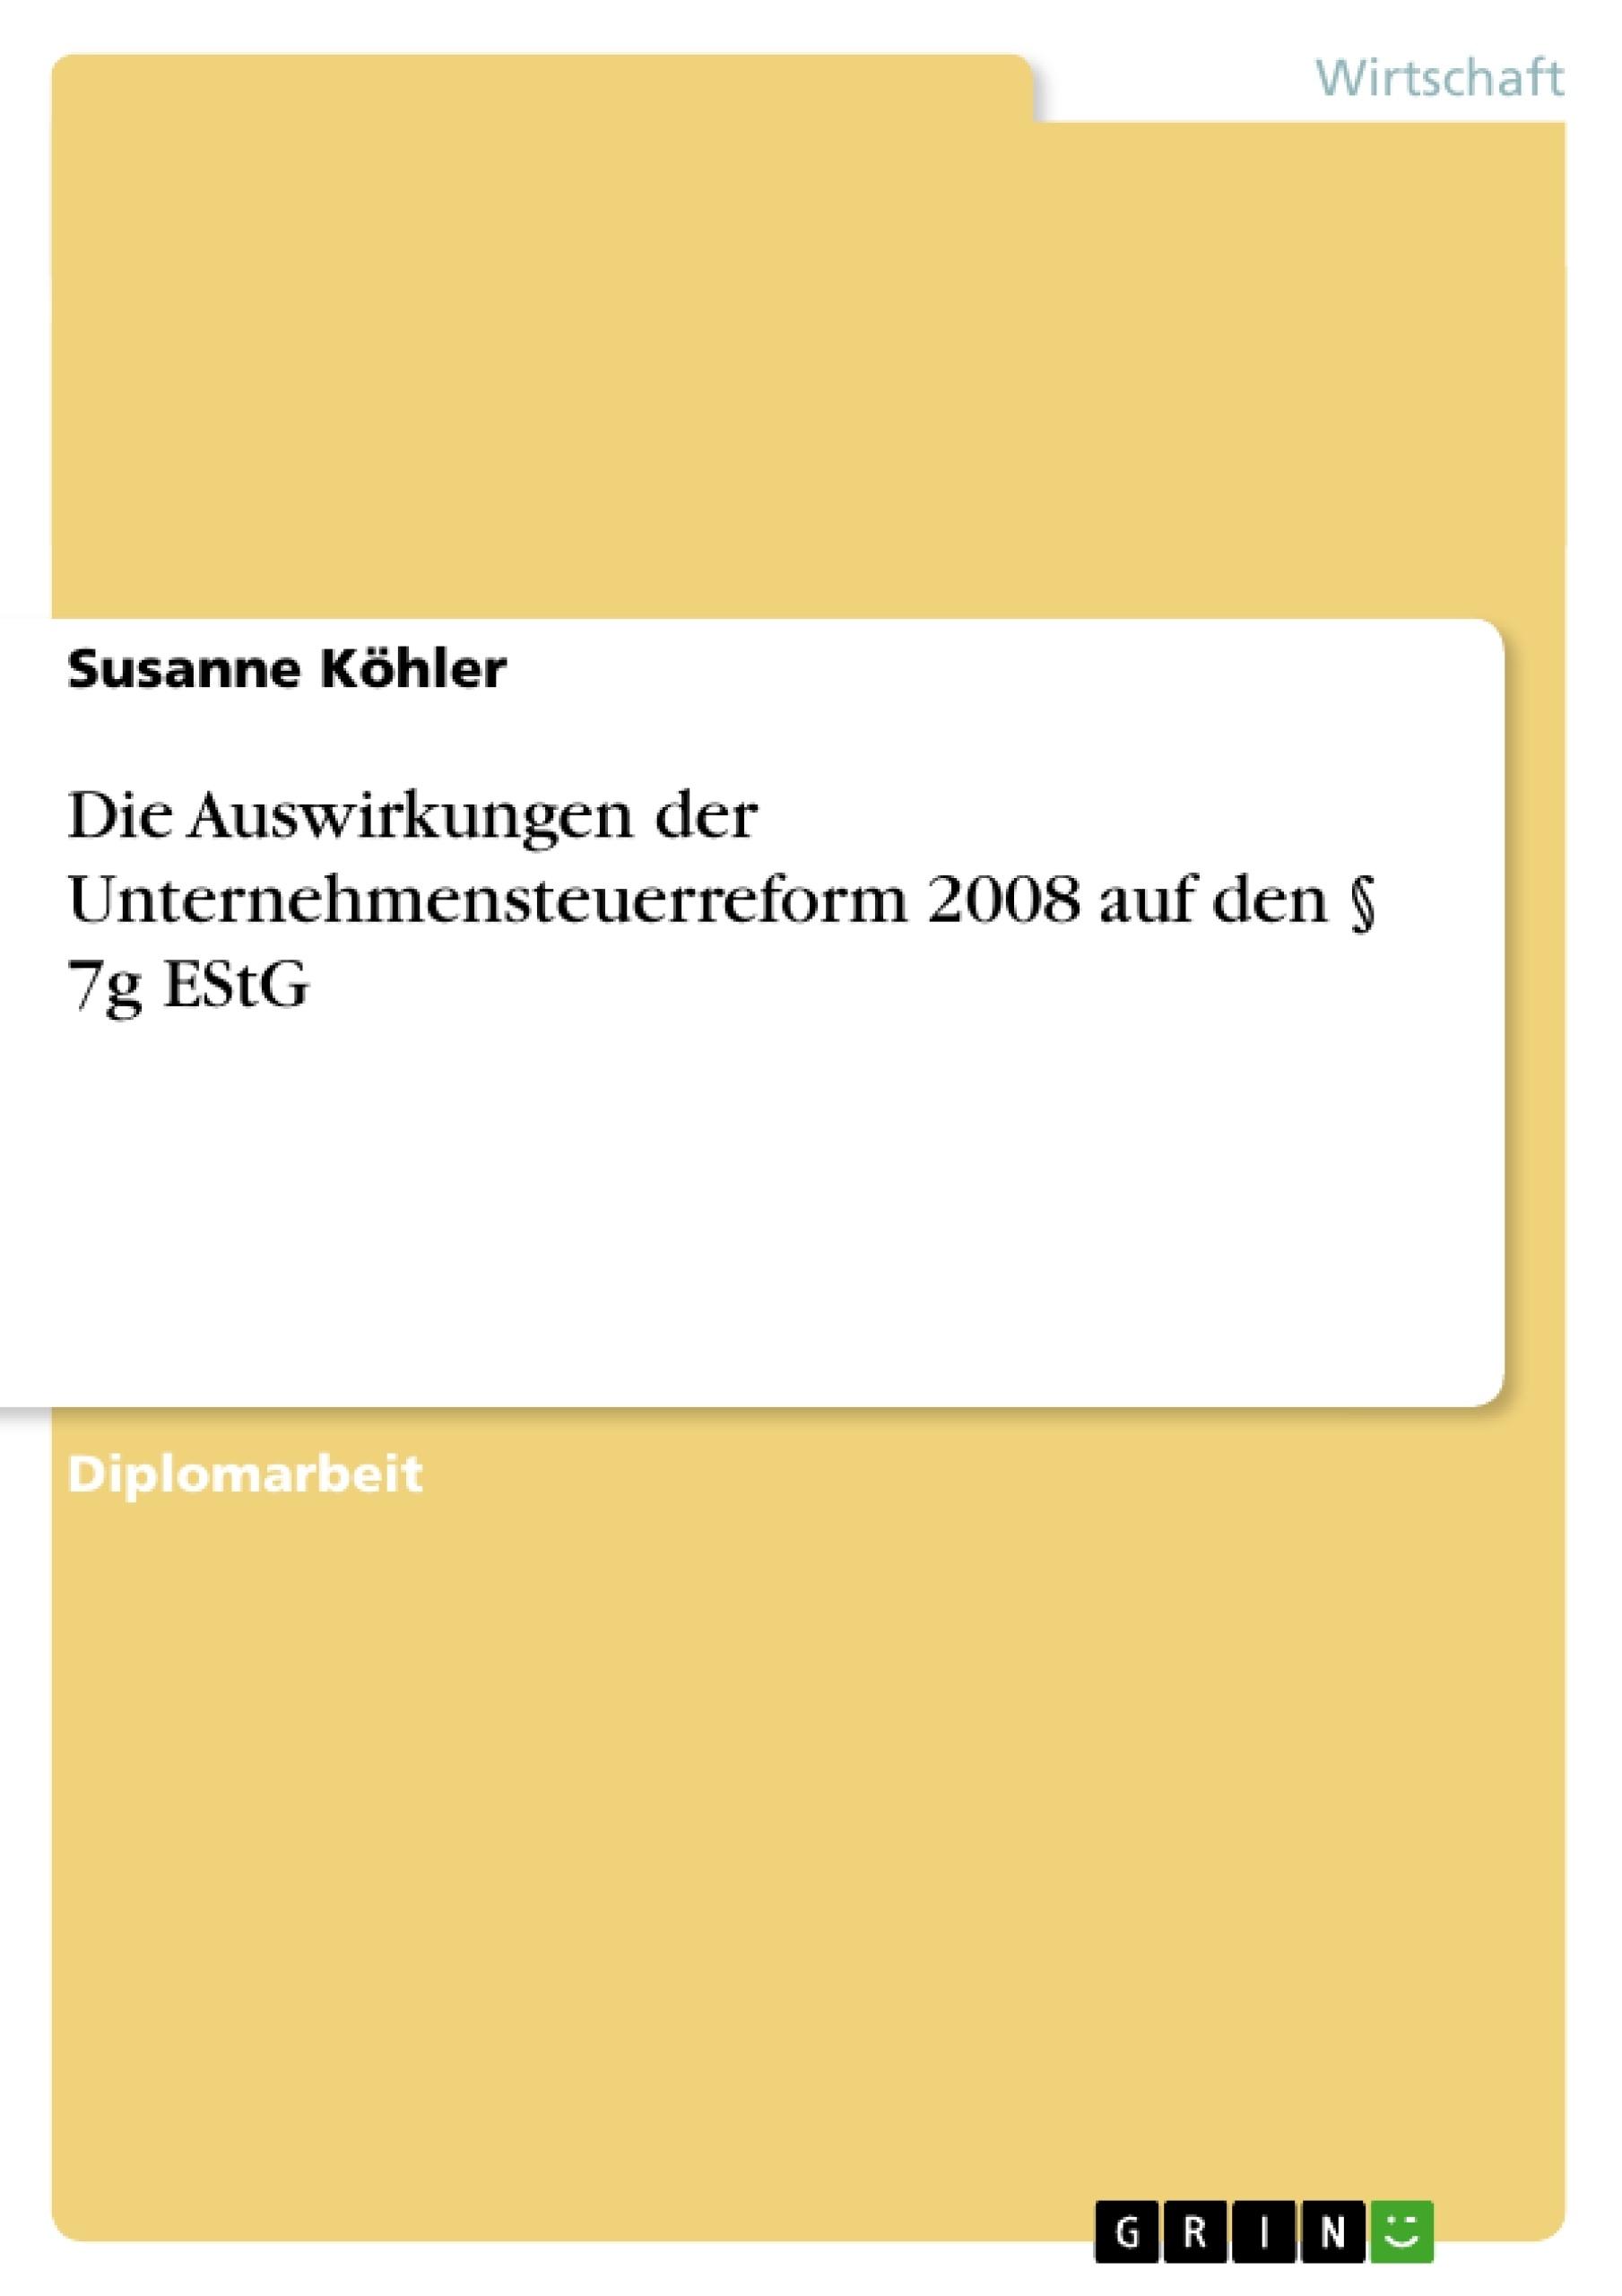 Titel: Die Auswirkungen der Unternehmensteuerreform 2008 auf den § 7g EStG